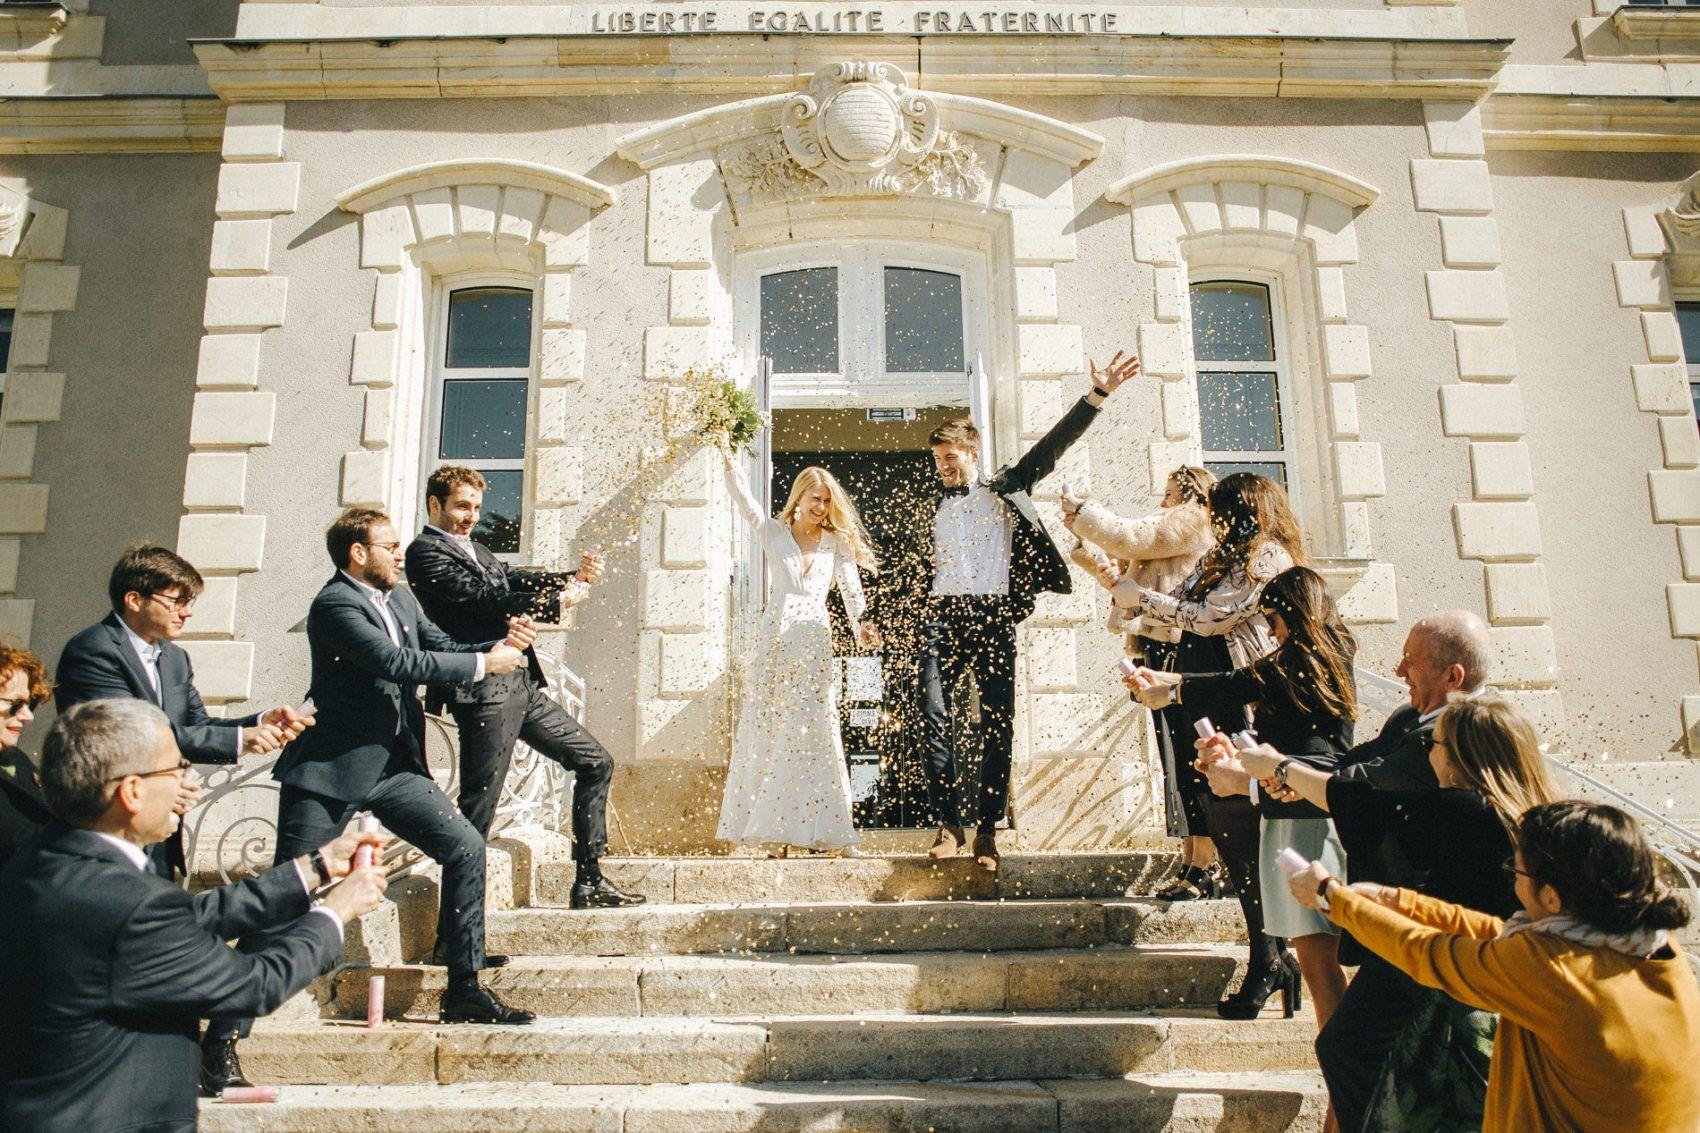 Trámites administrativos a realizar antes de contraer matrimonio